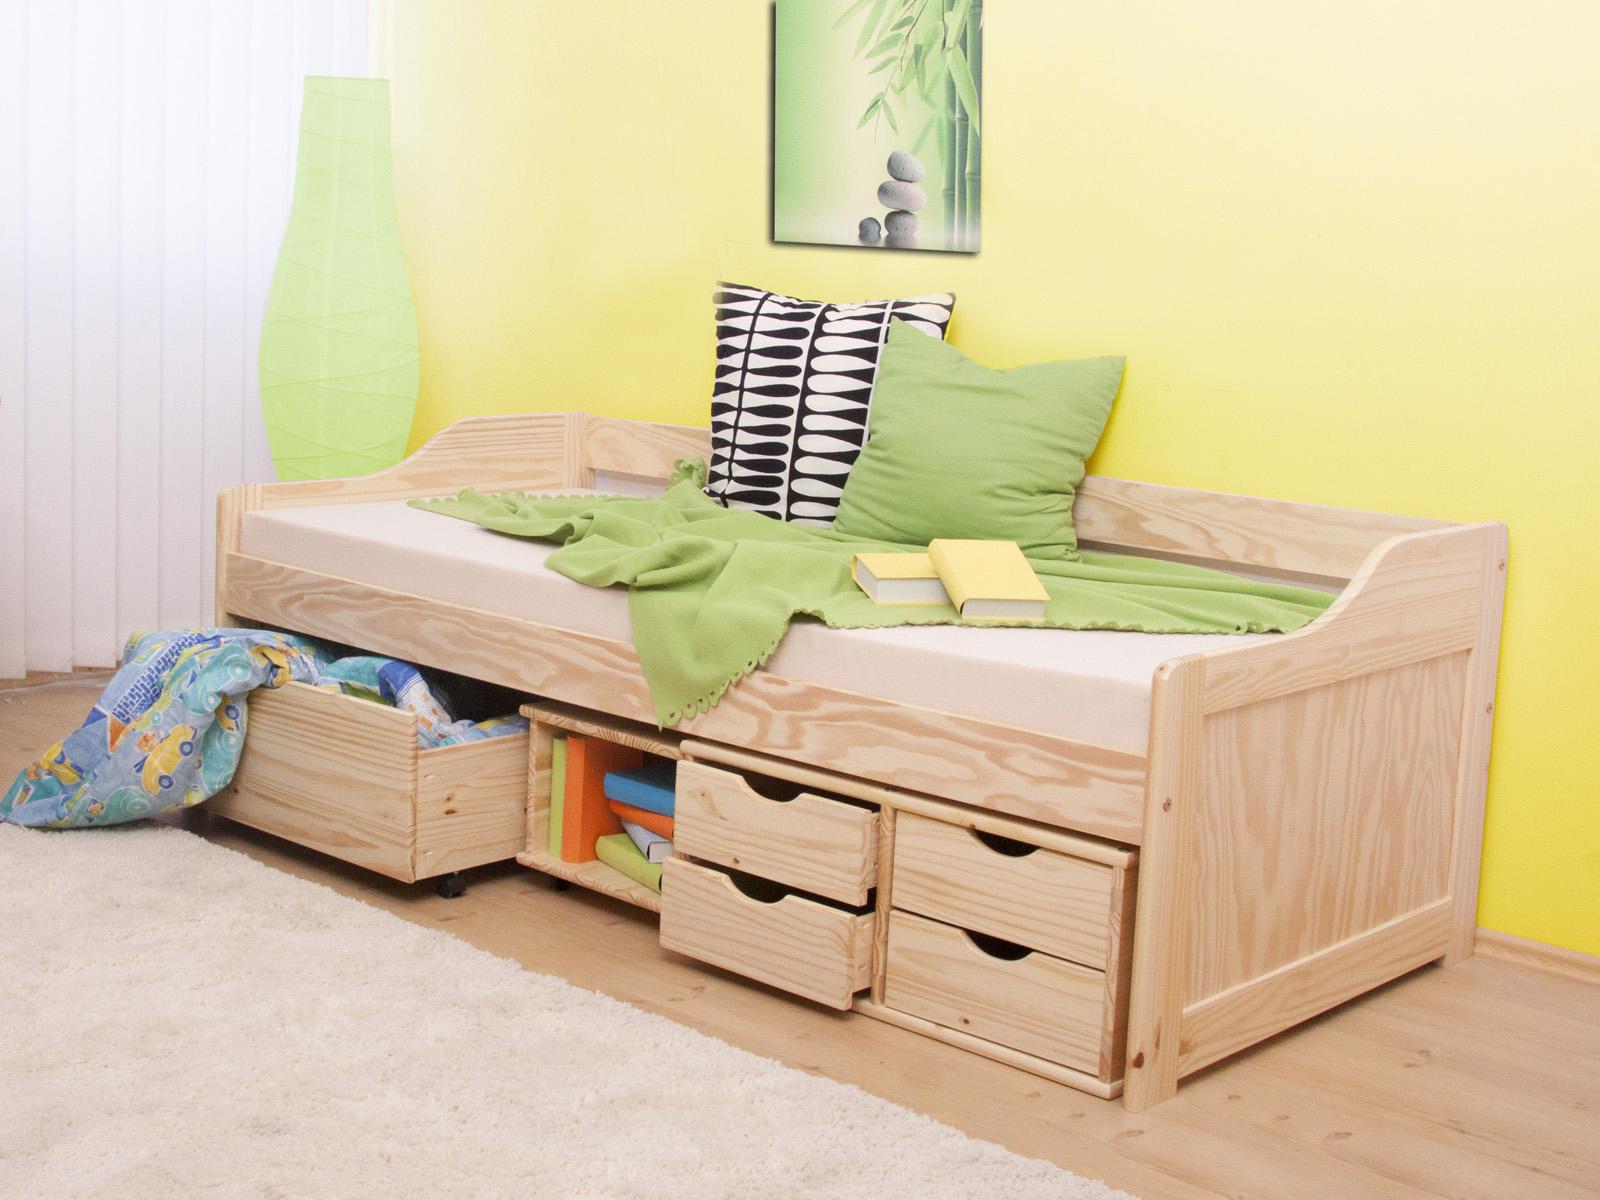 Jednolôžková posteľ 90 cm - Tempo Kondela - Maxi (masív, s roštom). Sme autorizovaný predajca Tempo-Kondela. Vlastná spoľahlivá doprava až k Vám domov.